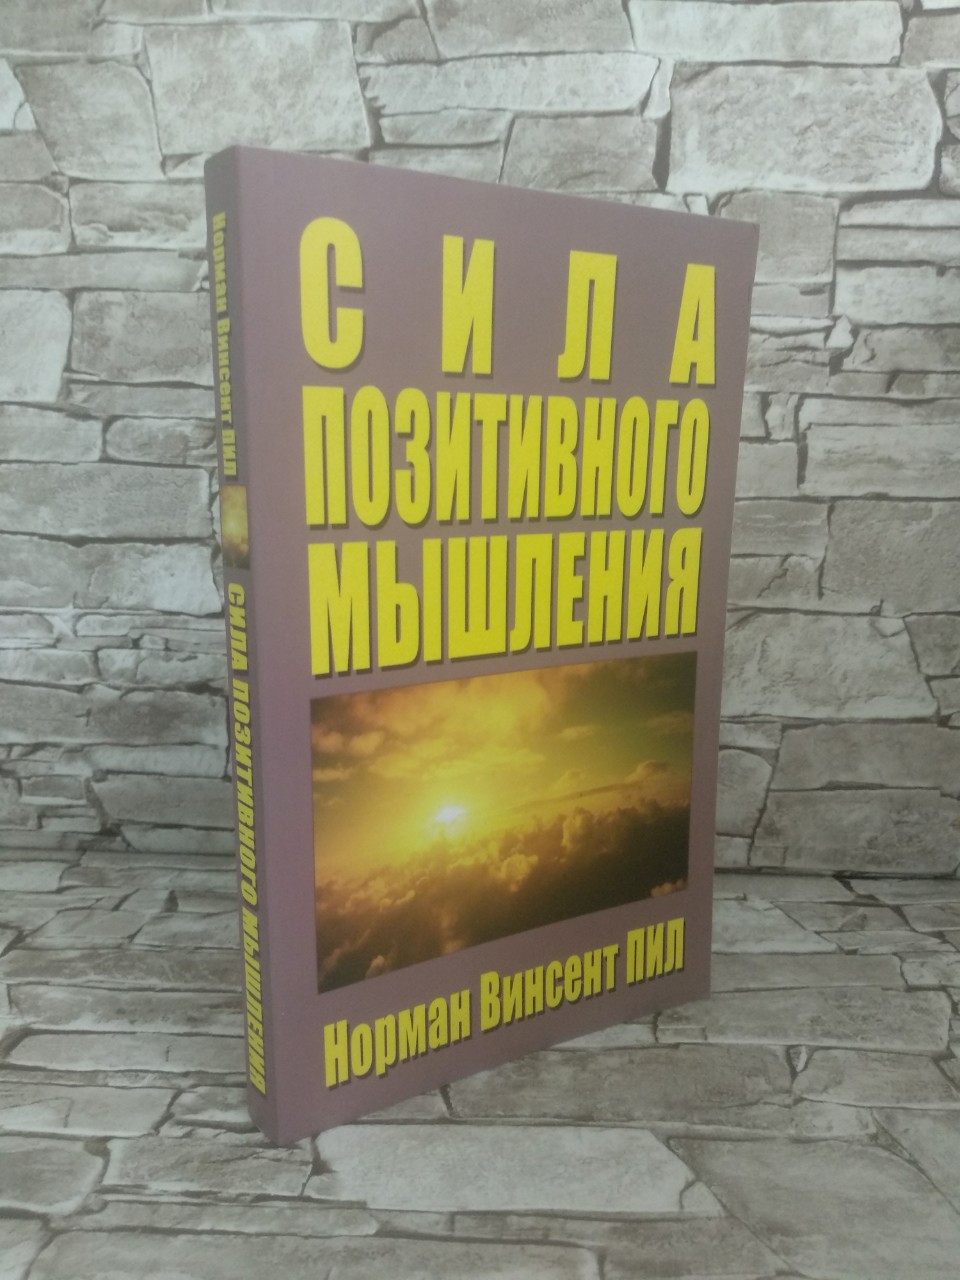 """Книга """"Сила позитивного мышления"""" Норман Винсент Пил"""